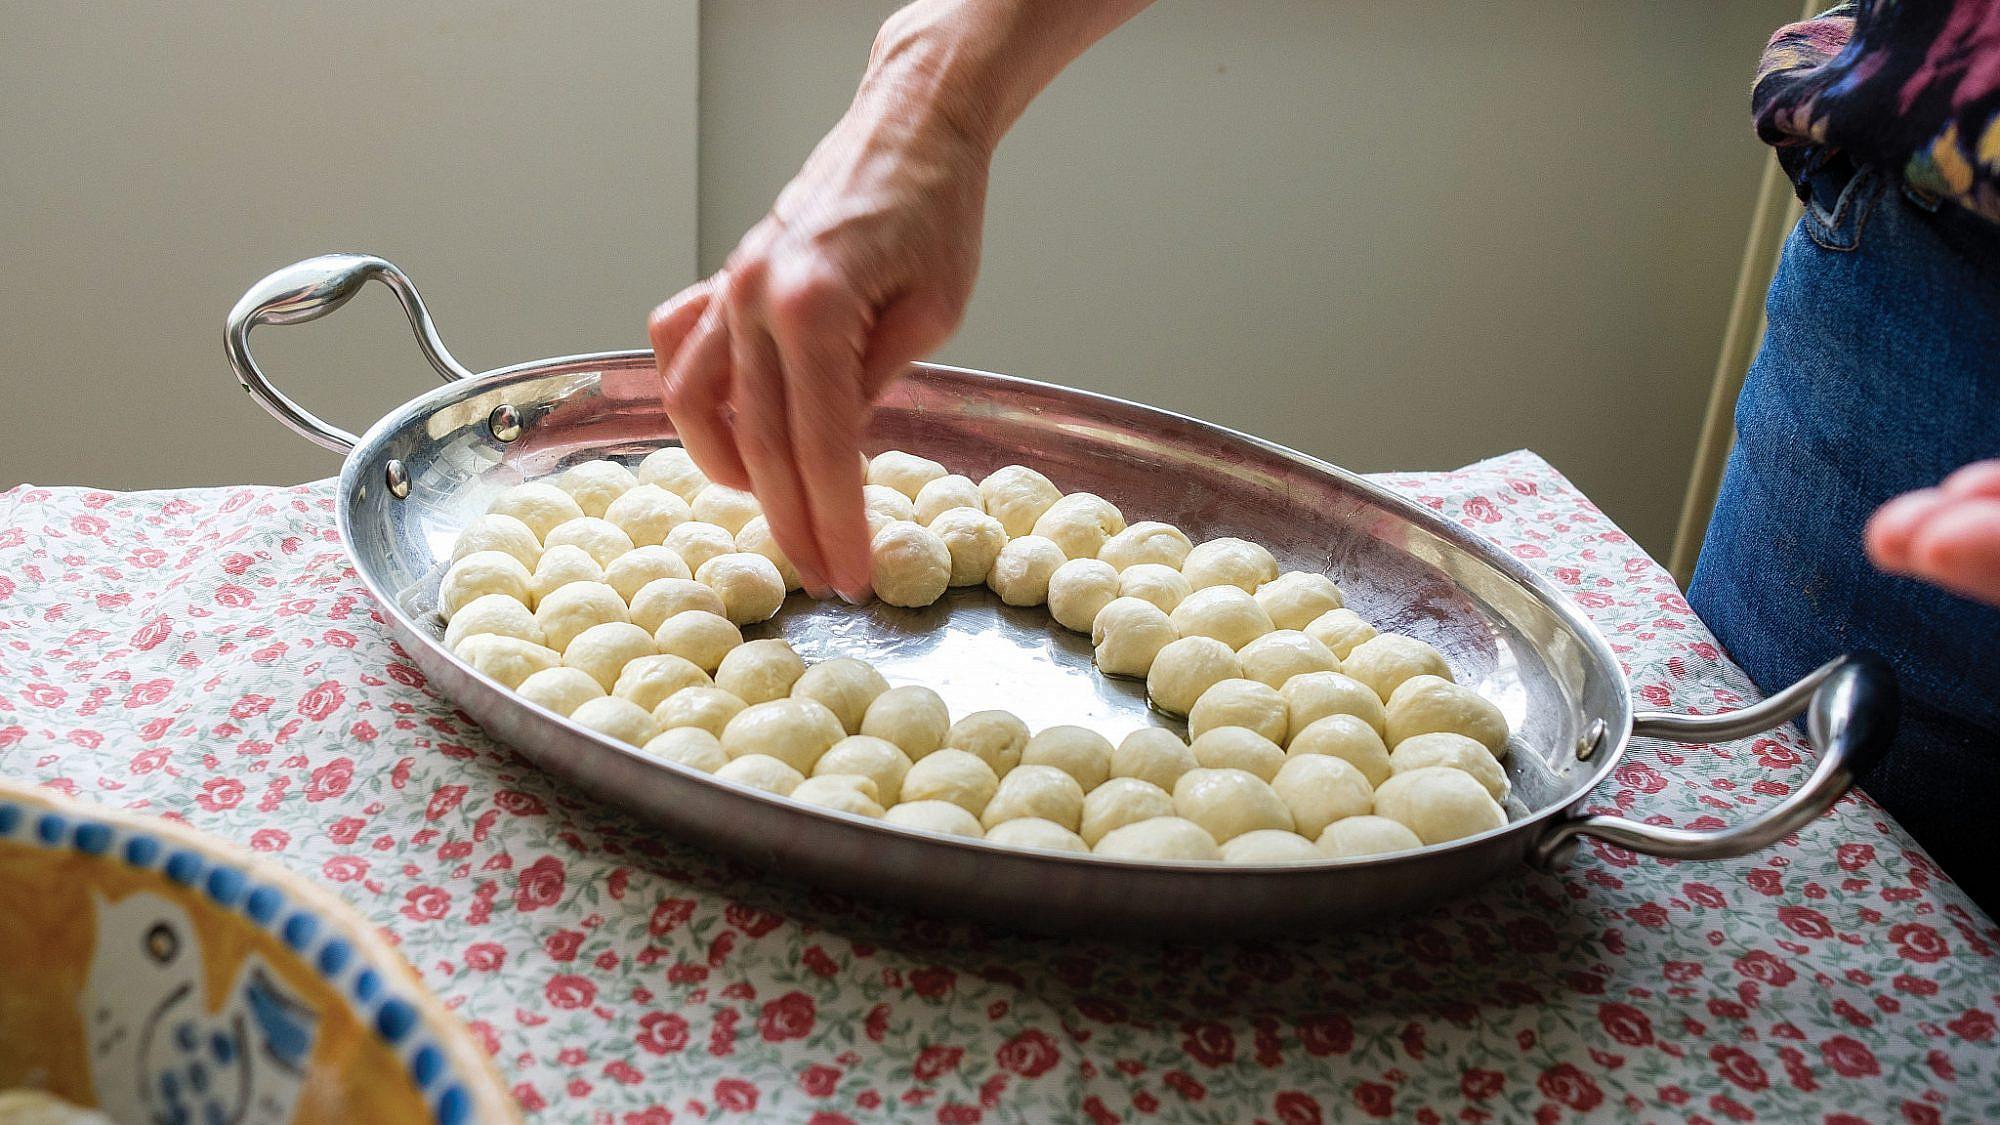 לחם פצפצים של לייזה פאנלים. צילום: גיא בהר וחגית ביליה